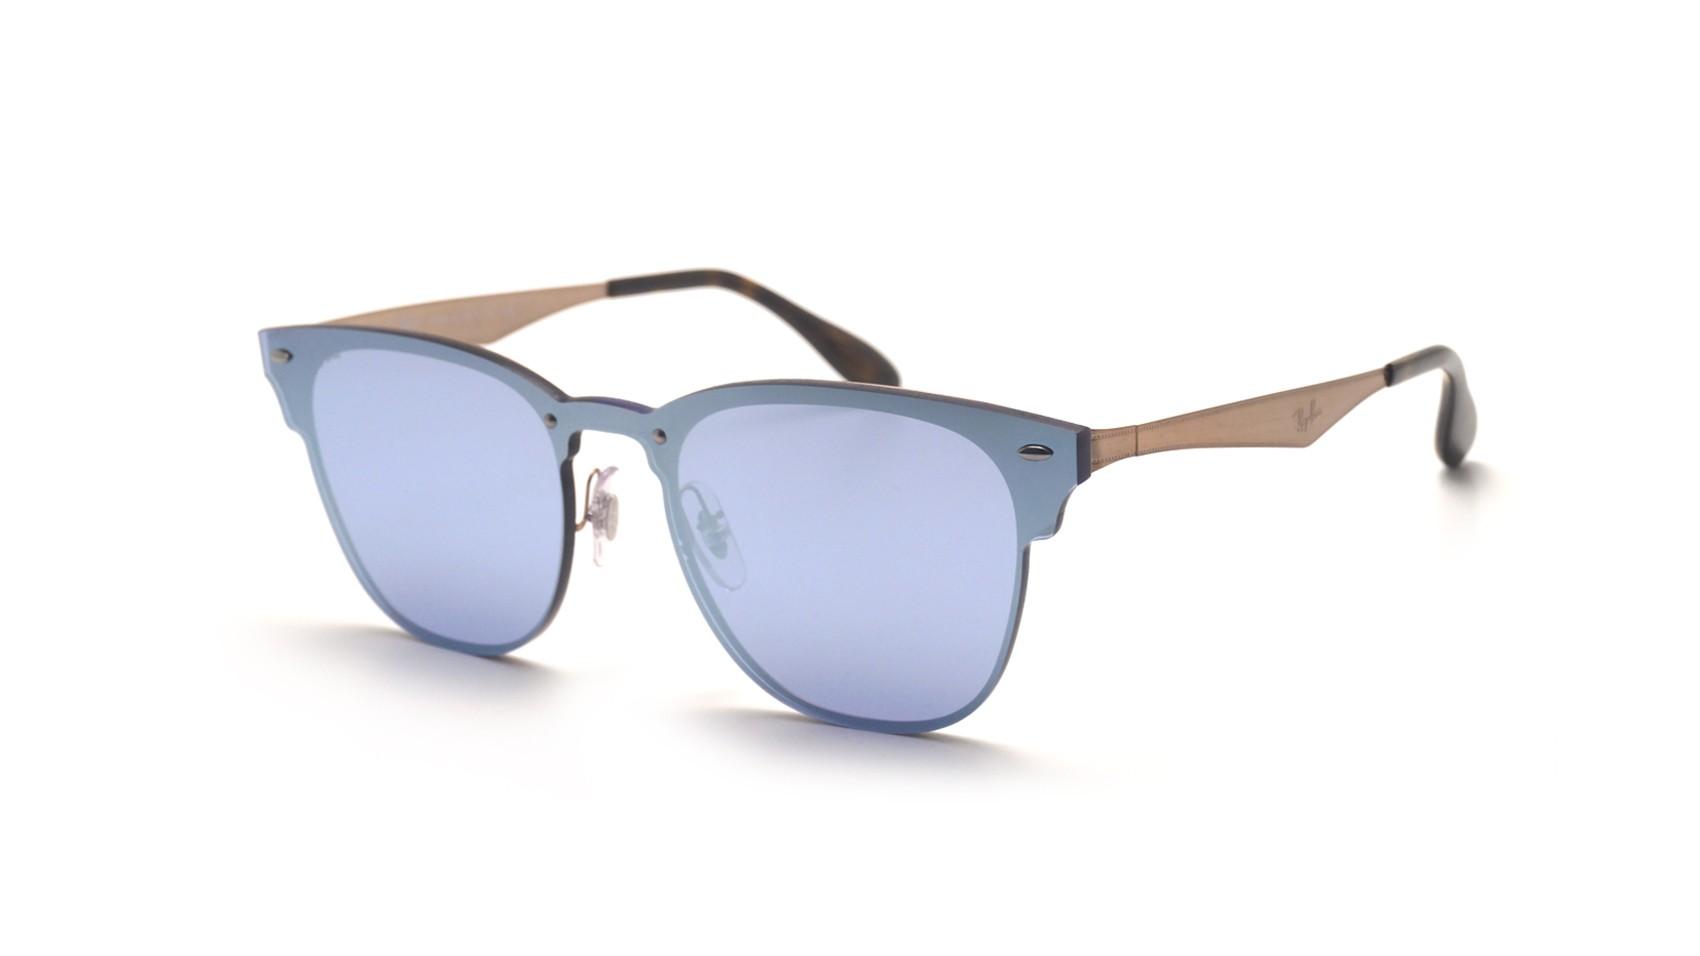 6228cf5374f89 Sunglasses Ray-Ban Clubmaster Blaze Silver RB3576N 90391U Medium Mirror